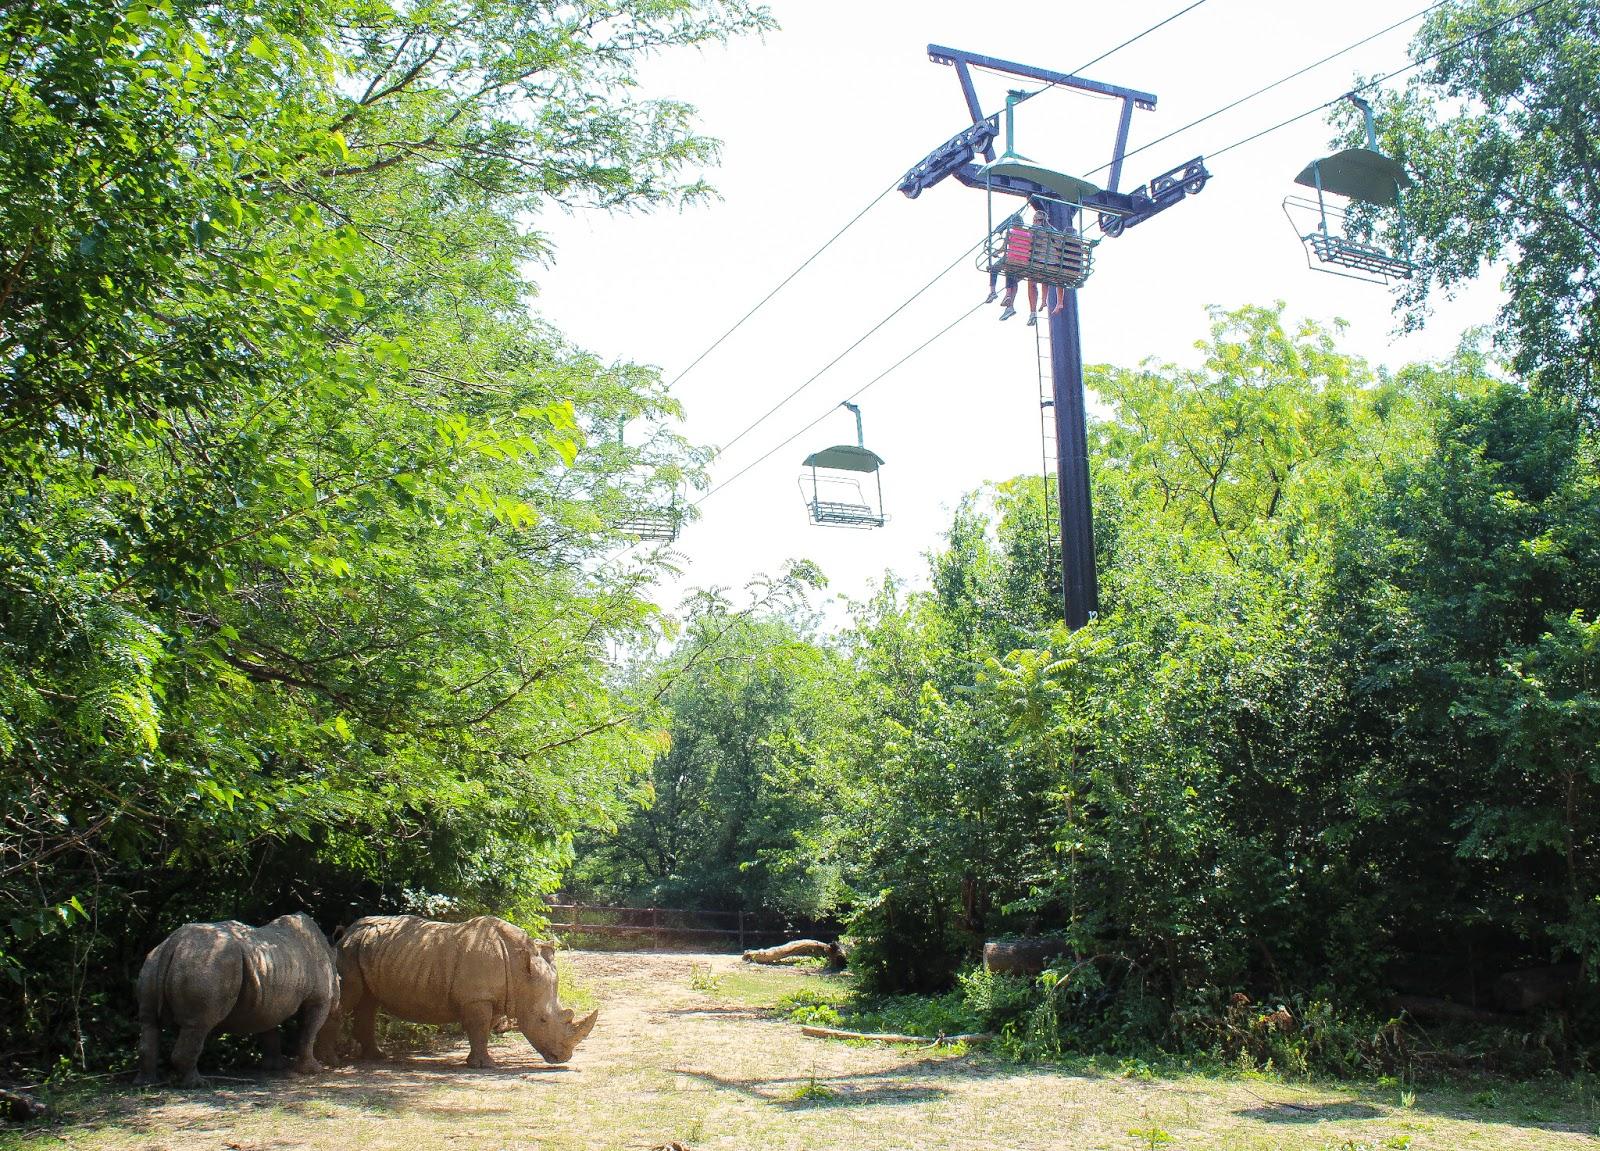 Omaha Nebraska Zoo Bing Images